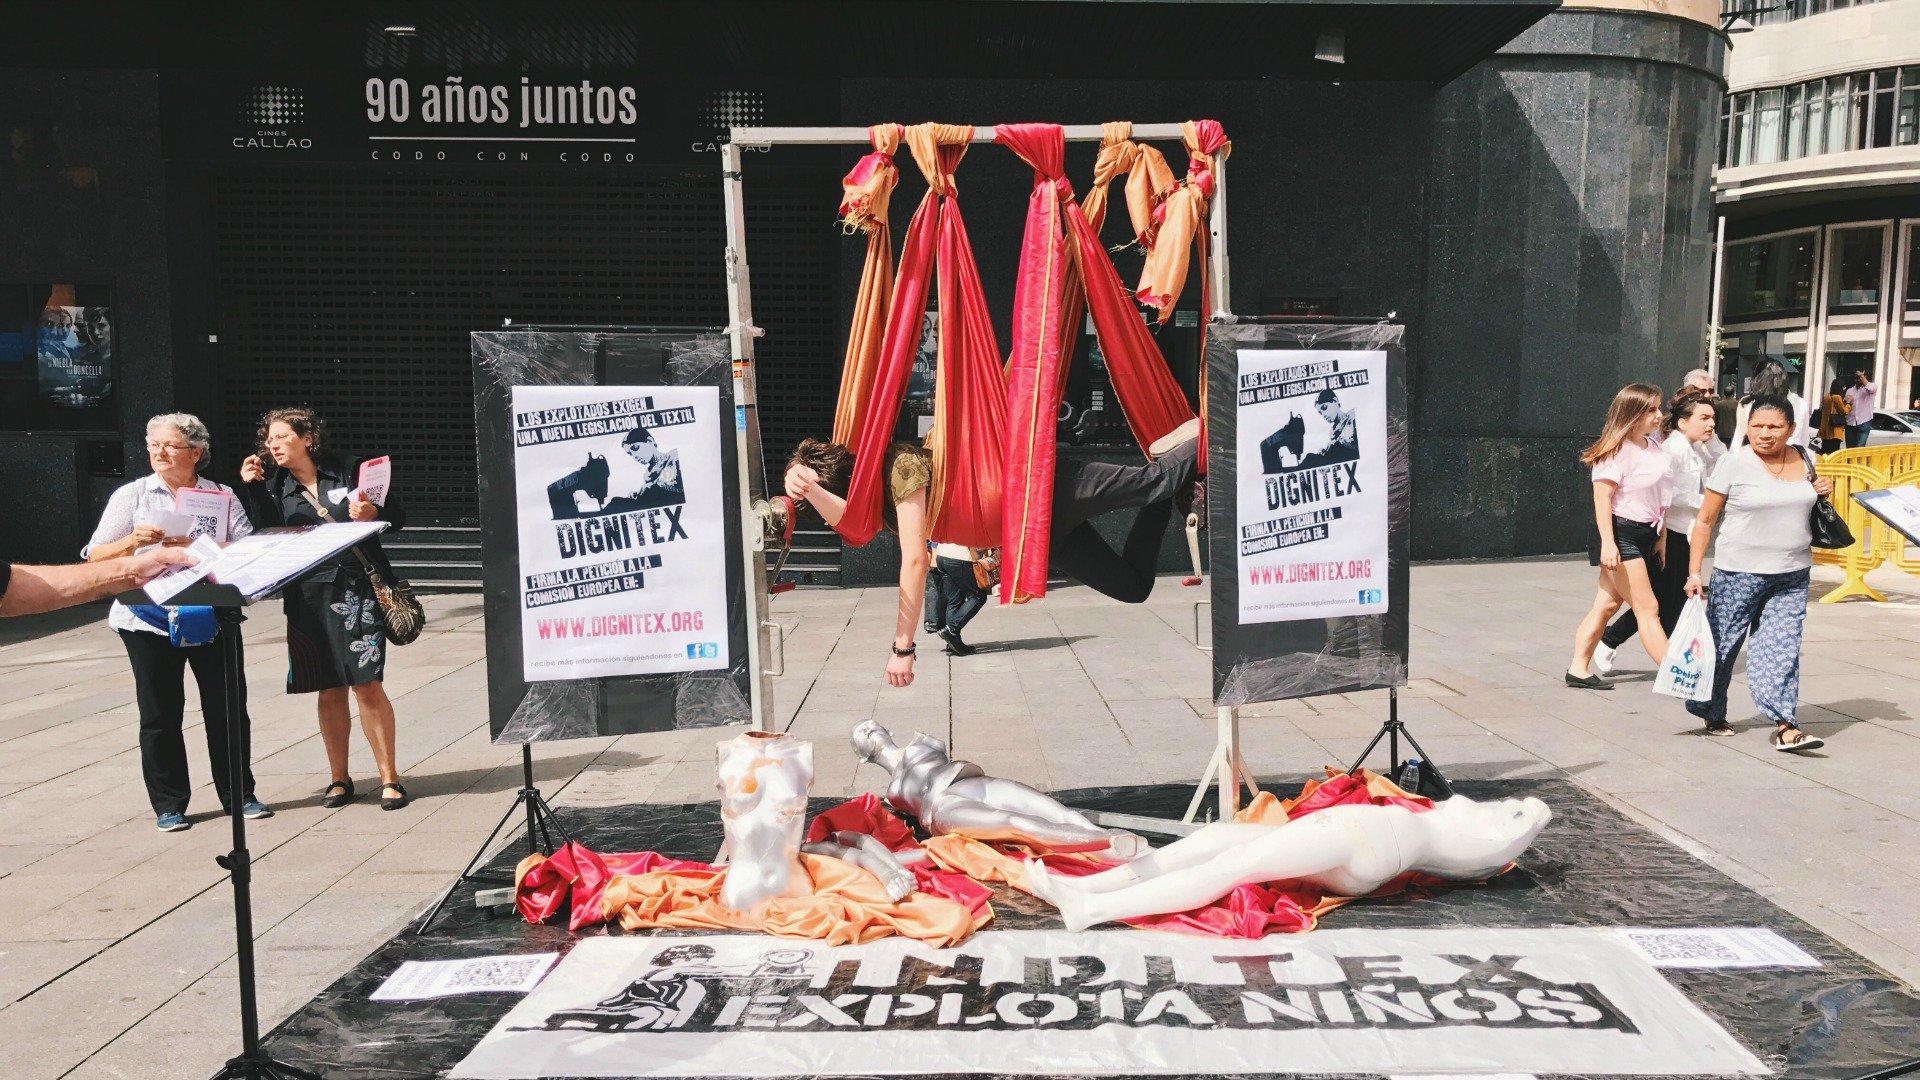 La plataforma DIGNItex denuncia las condiciones de esclavitud de los trabajadores del textil